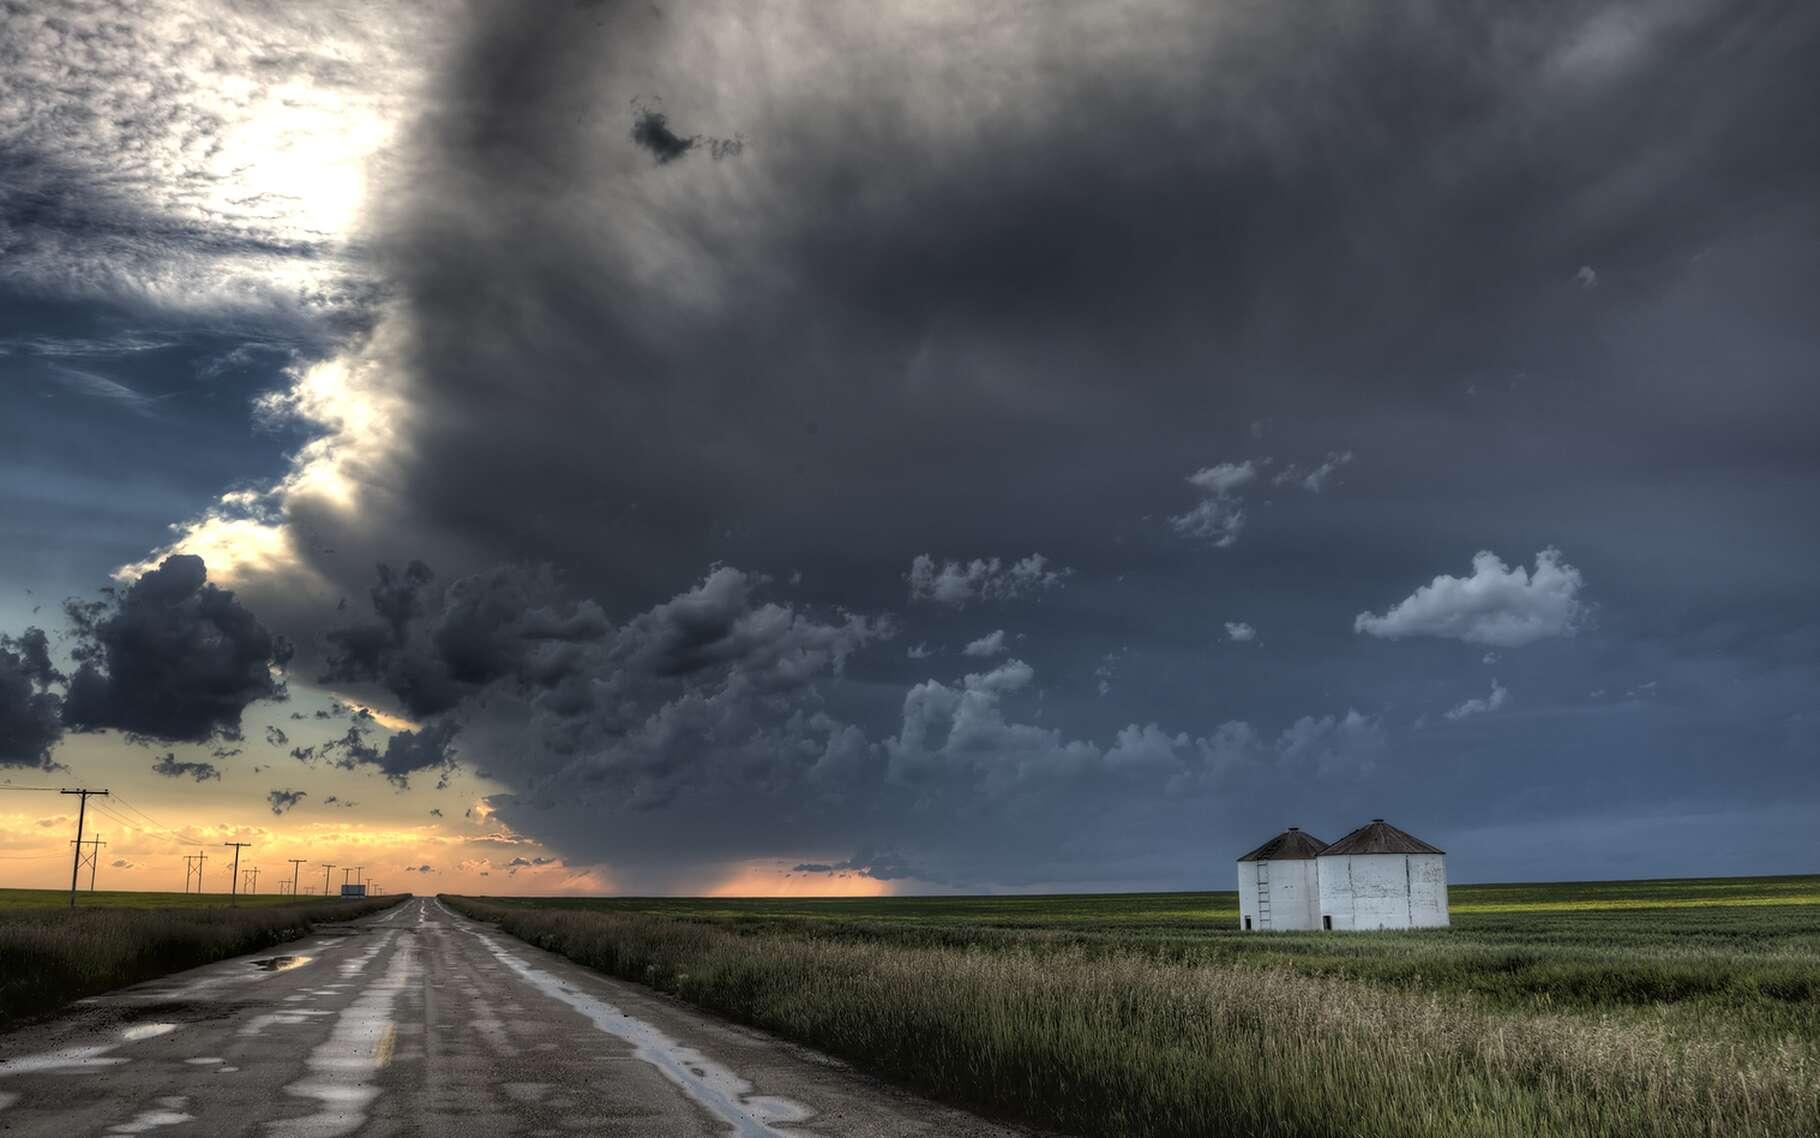 Les eaux drainées par la route peuvent être récupérées par un bassin d'orage routier. © Pictureguy, Shutterstock